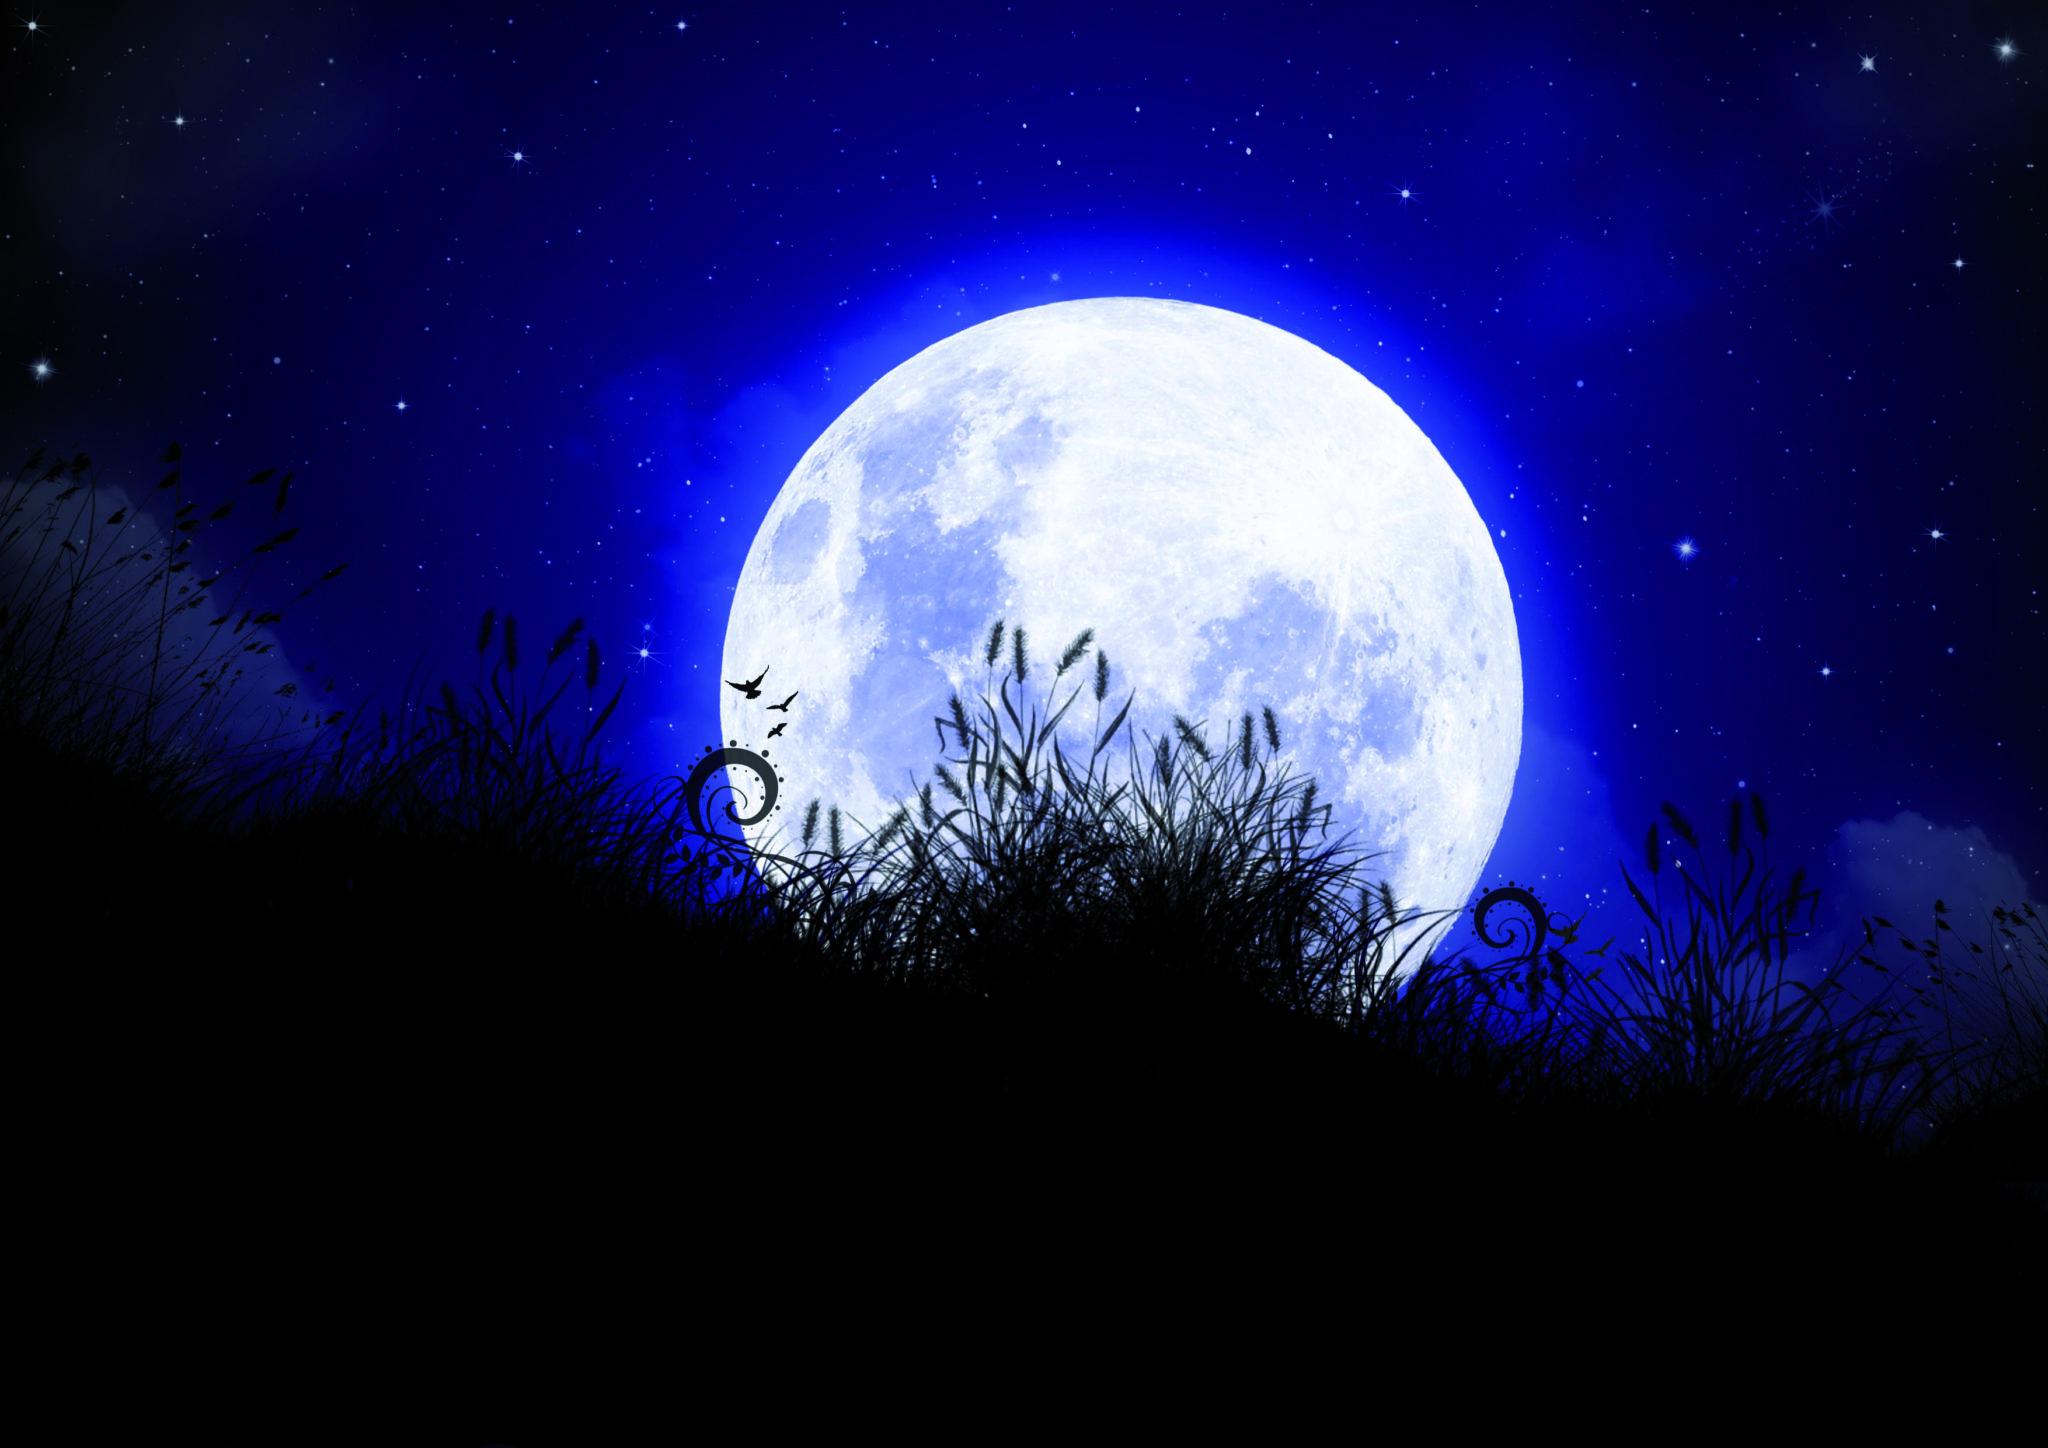 """Résultat de recherche d'images pour """"image de lune gratuite animée"""""""